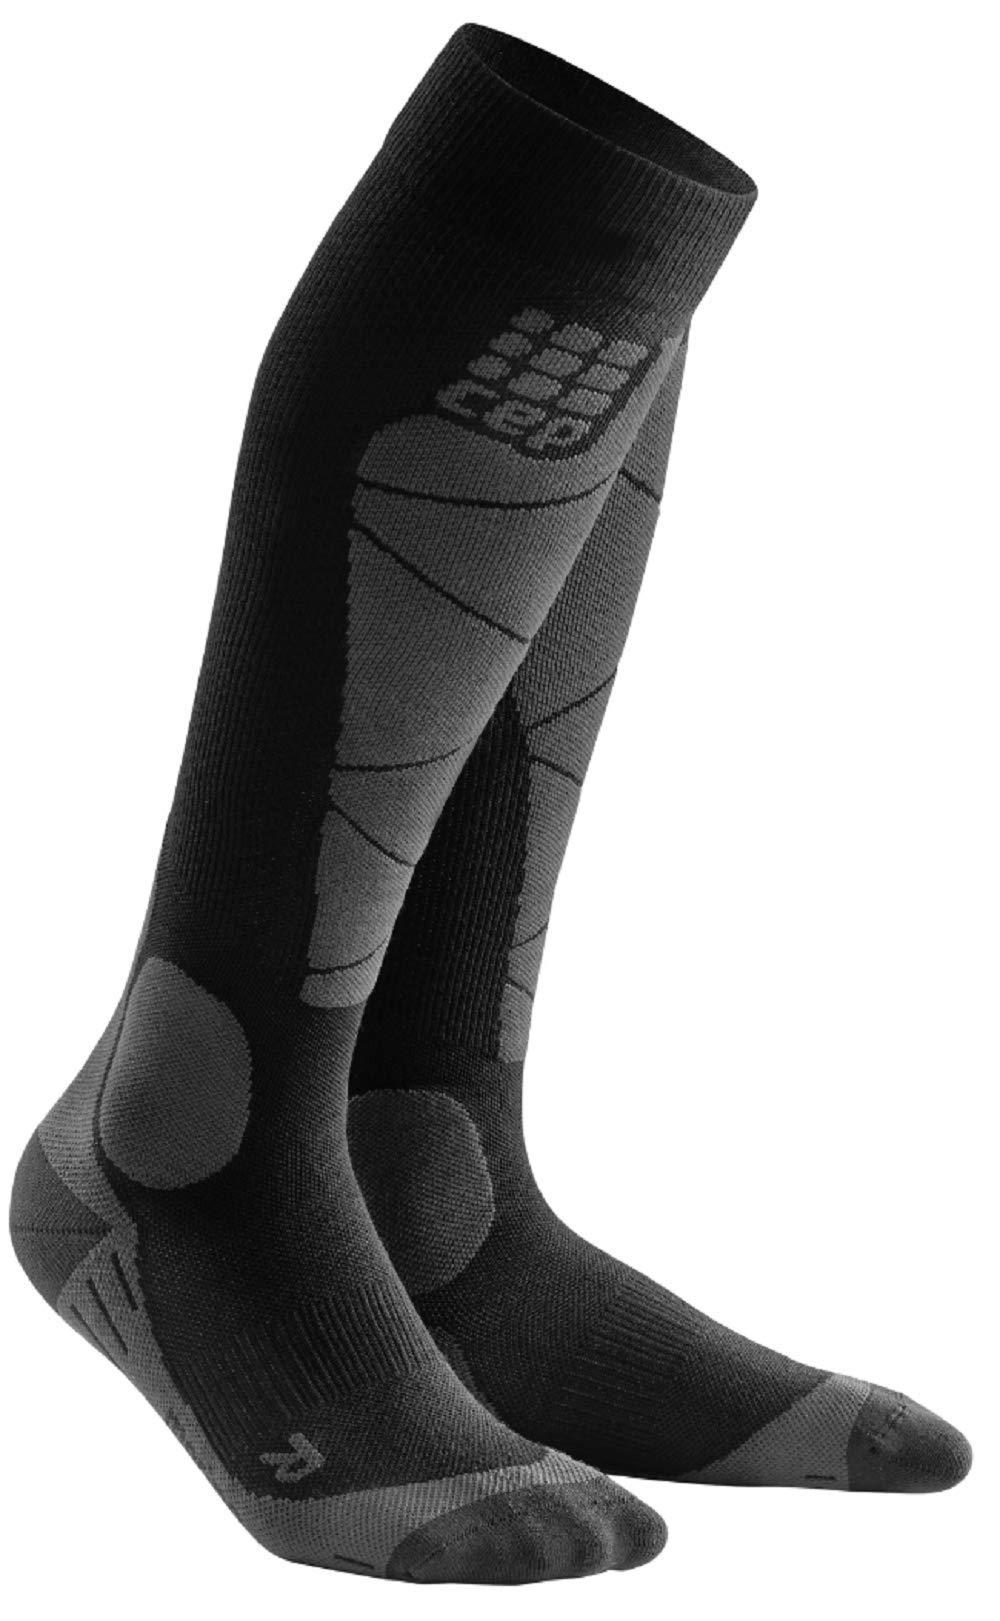 CEP Men's Winter Ski Compression Socks Ski Merino (Black/Anthracite) 4 by CEP